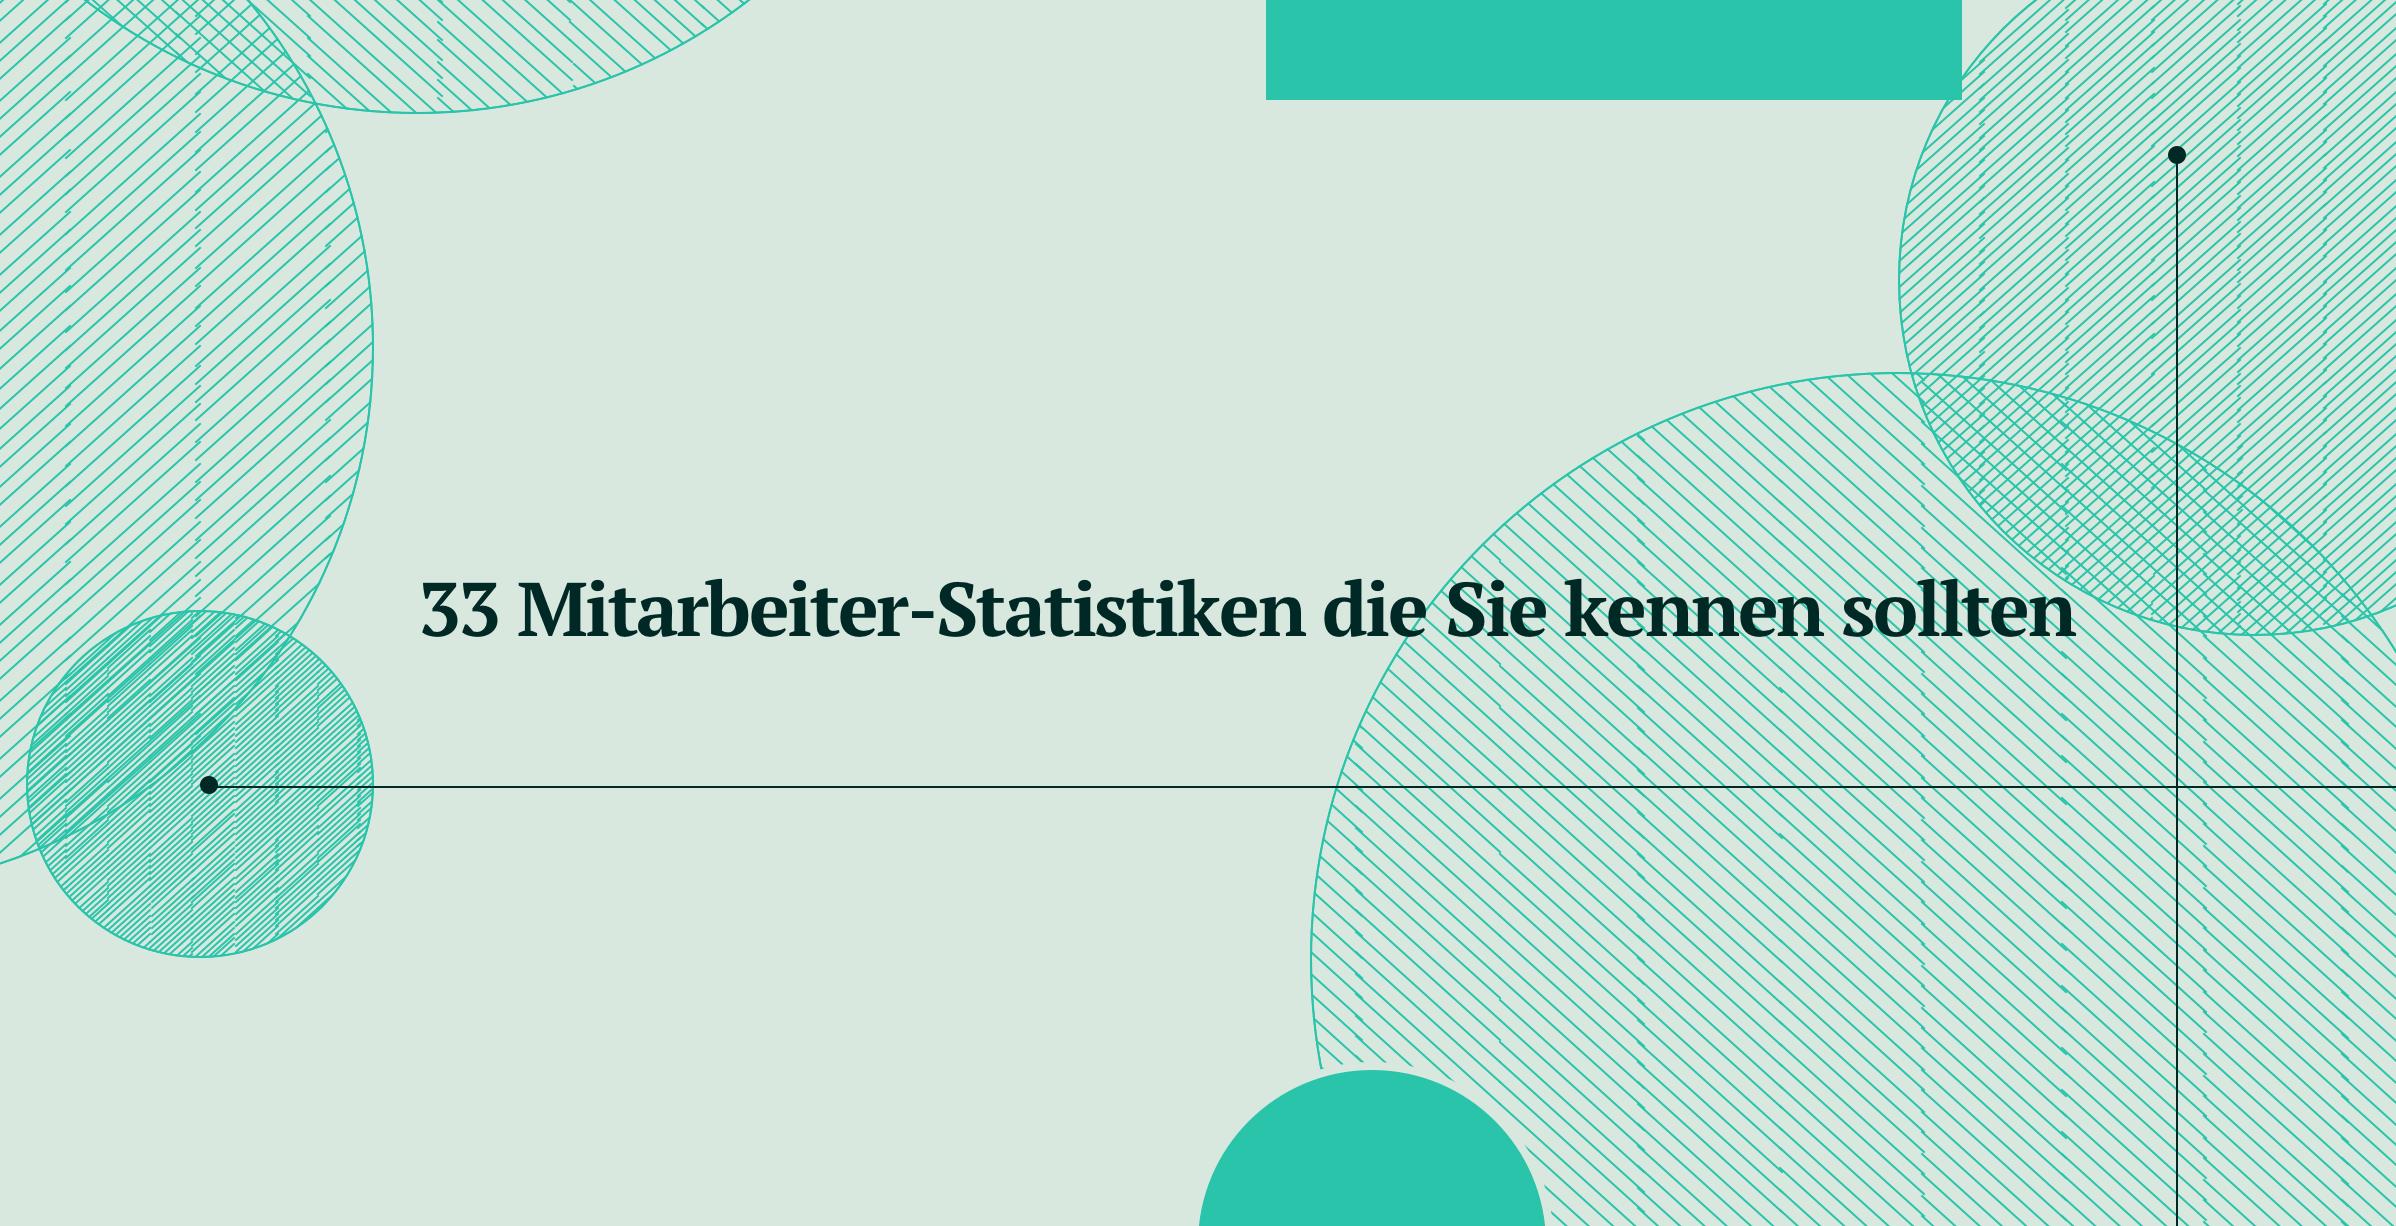 33 Mitarbeiter-Statistiken, die Sie in 2021 kennen sollten